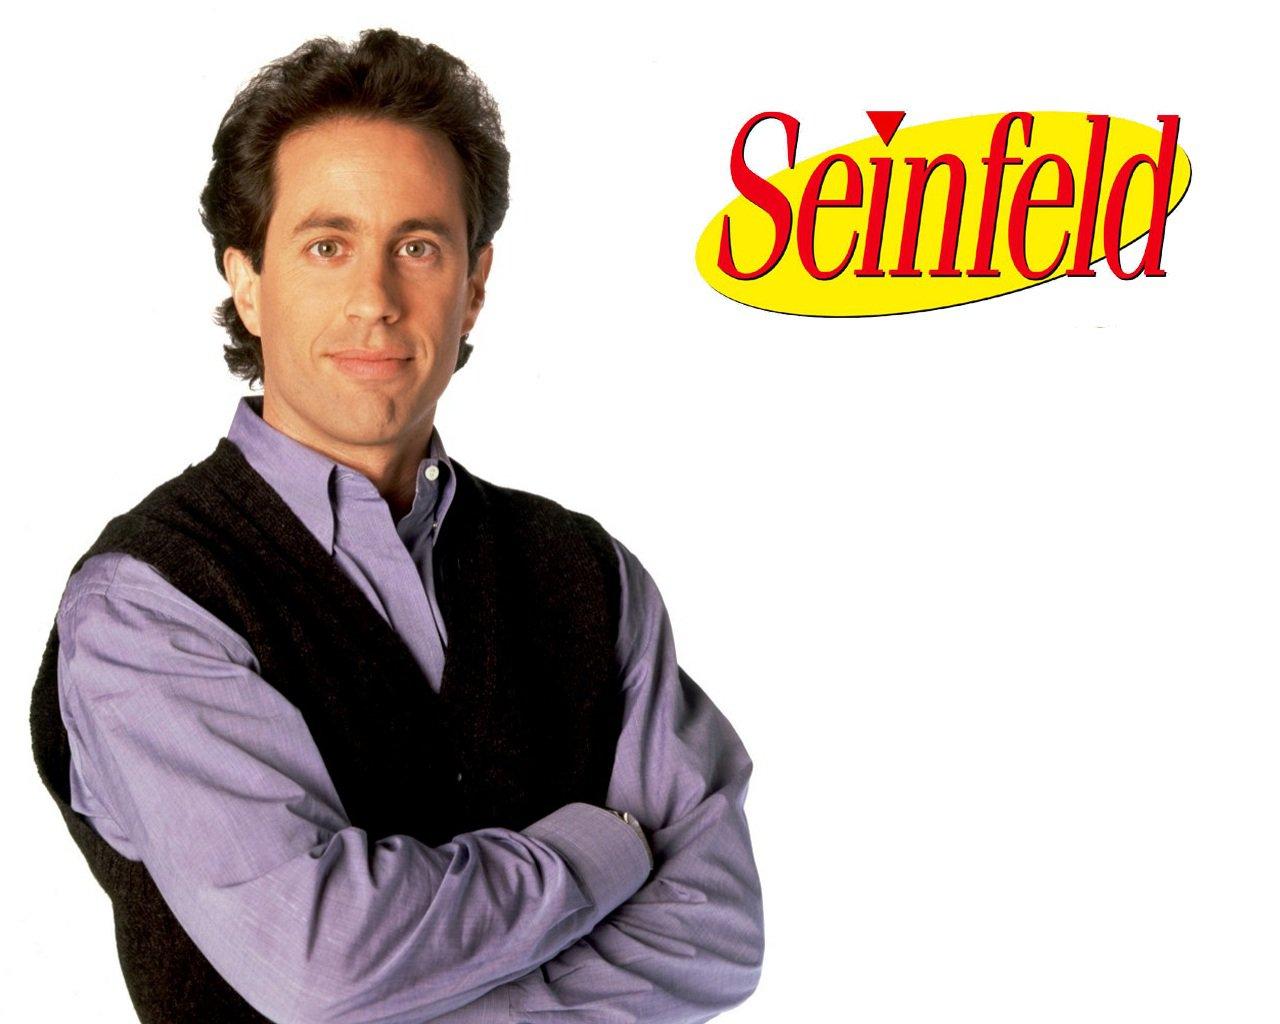 """Þættirnir um Seinfeld fjalla um """"ekkert"""". Aldrei hefur verið betra tilefni til þess að horfa á Seinfeld en einmitt í dag, 16. janúar."""